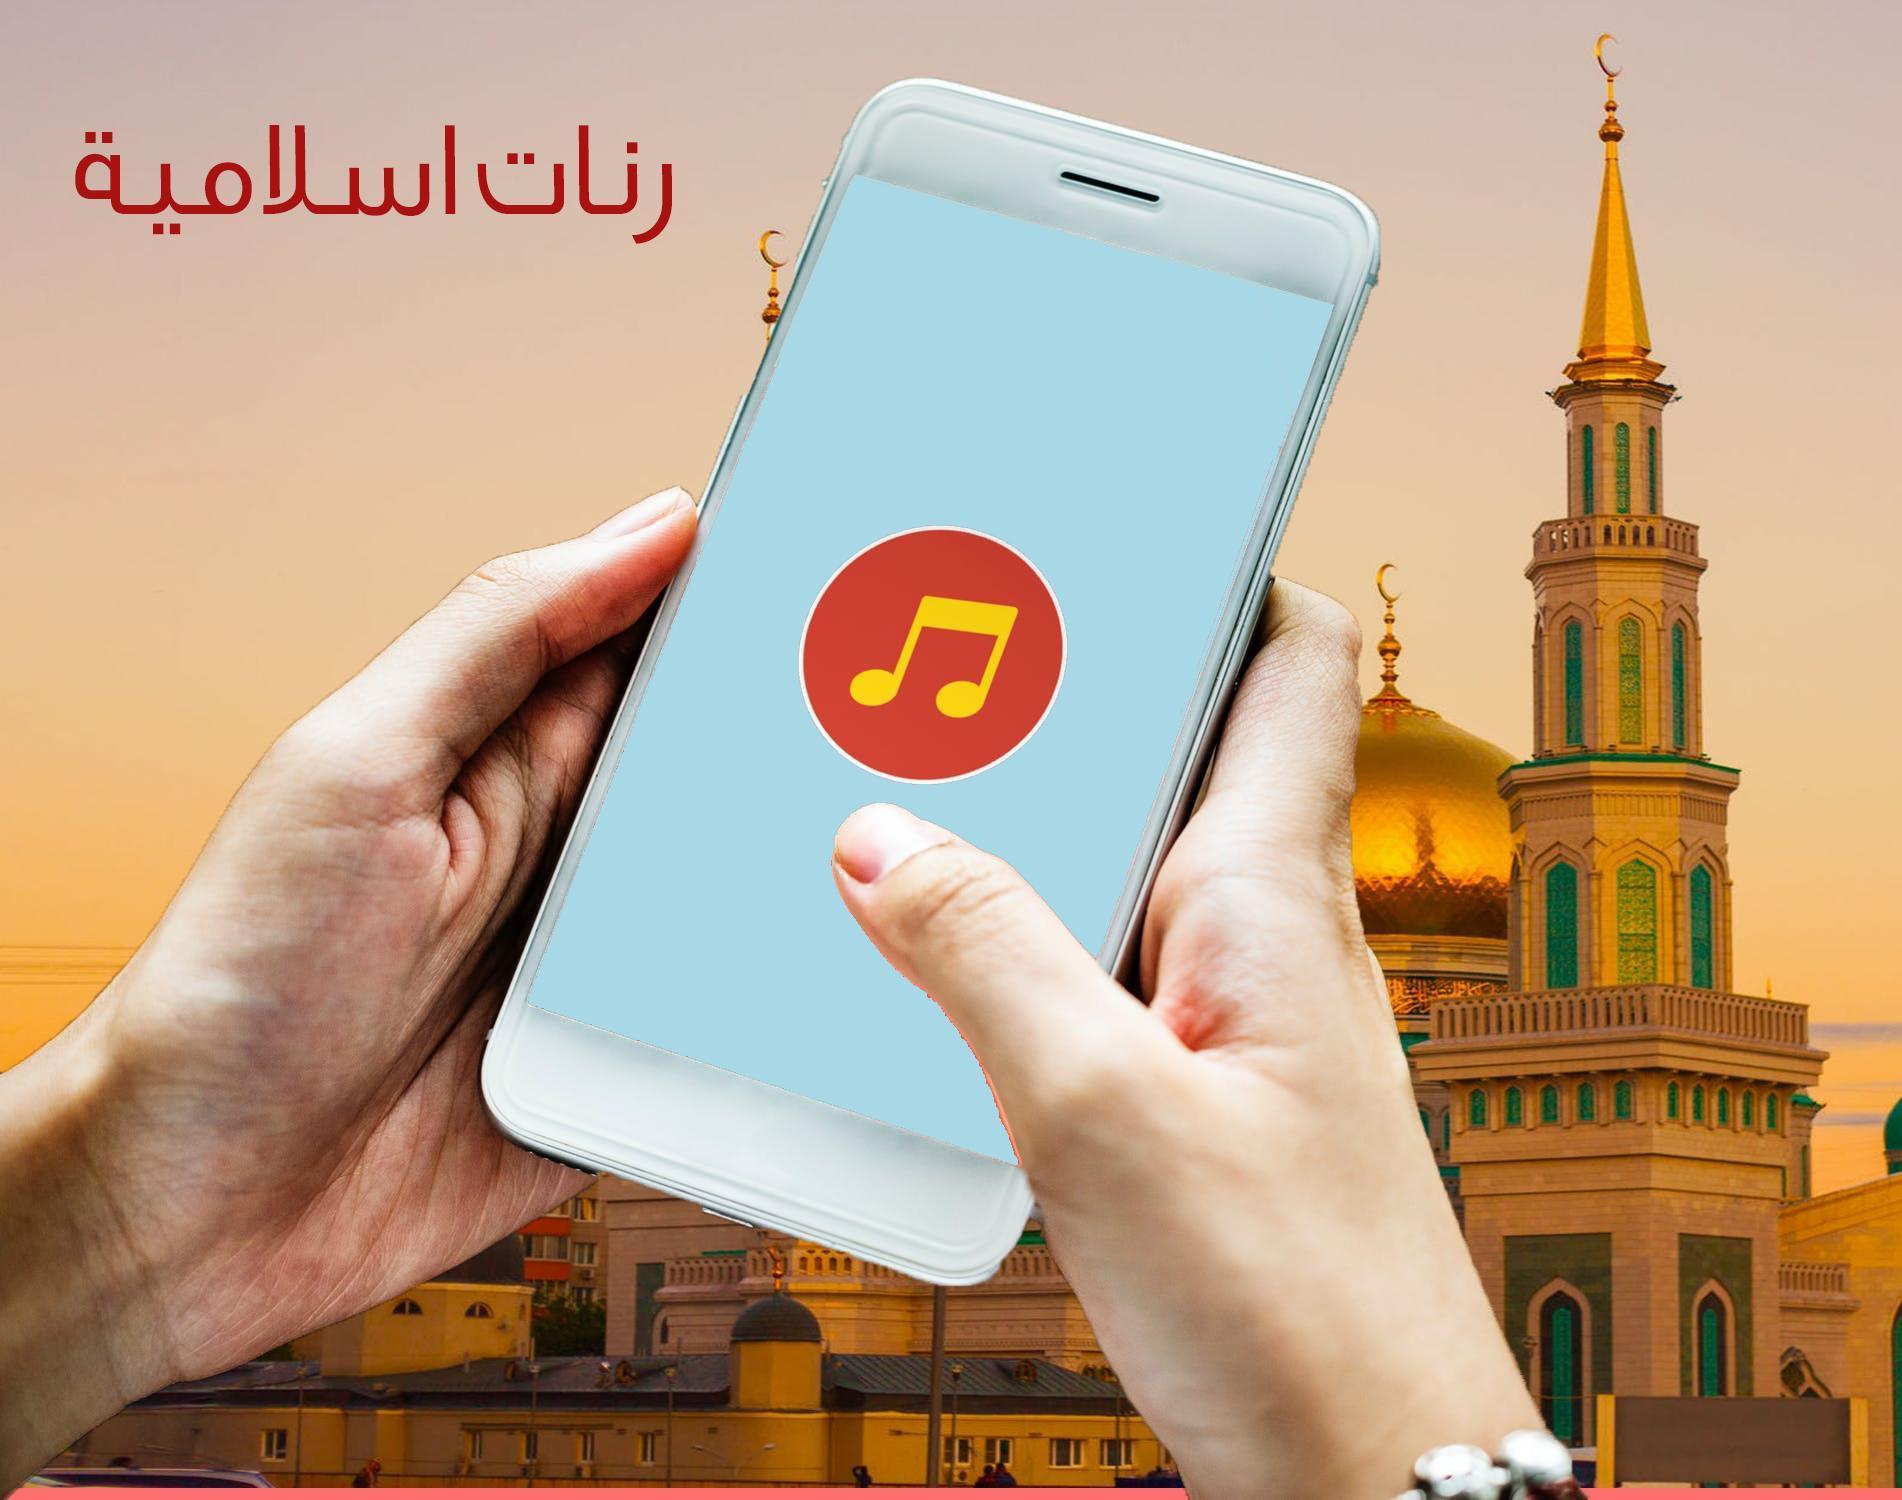 اجمل رنة اسلامية للهاتف